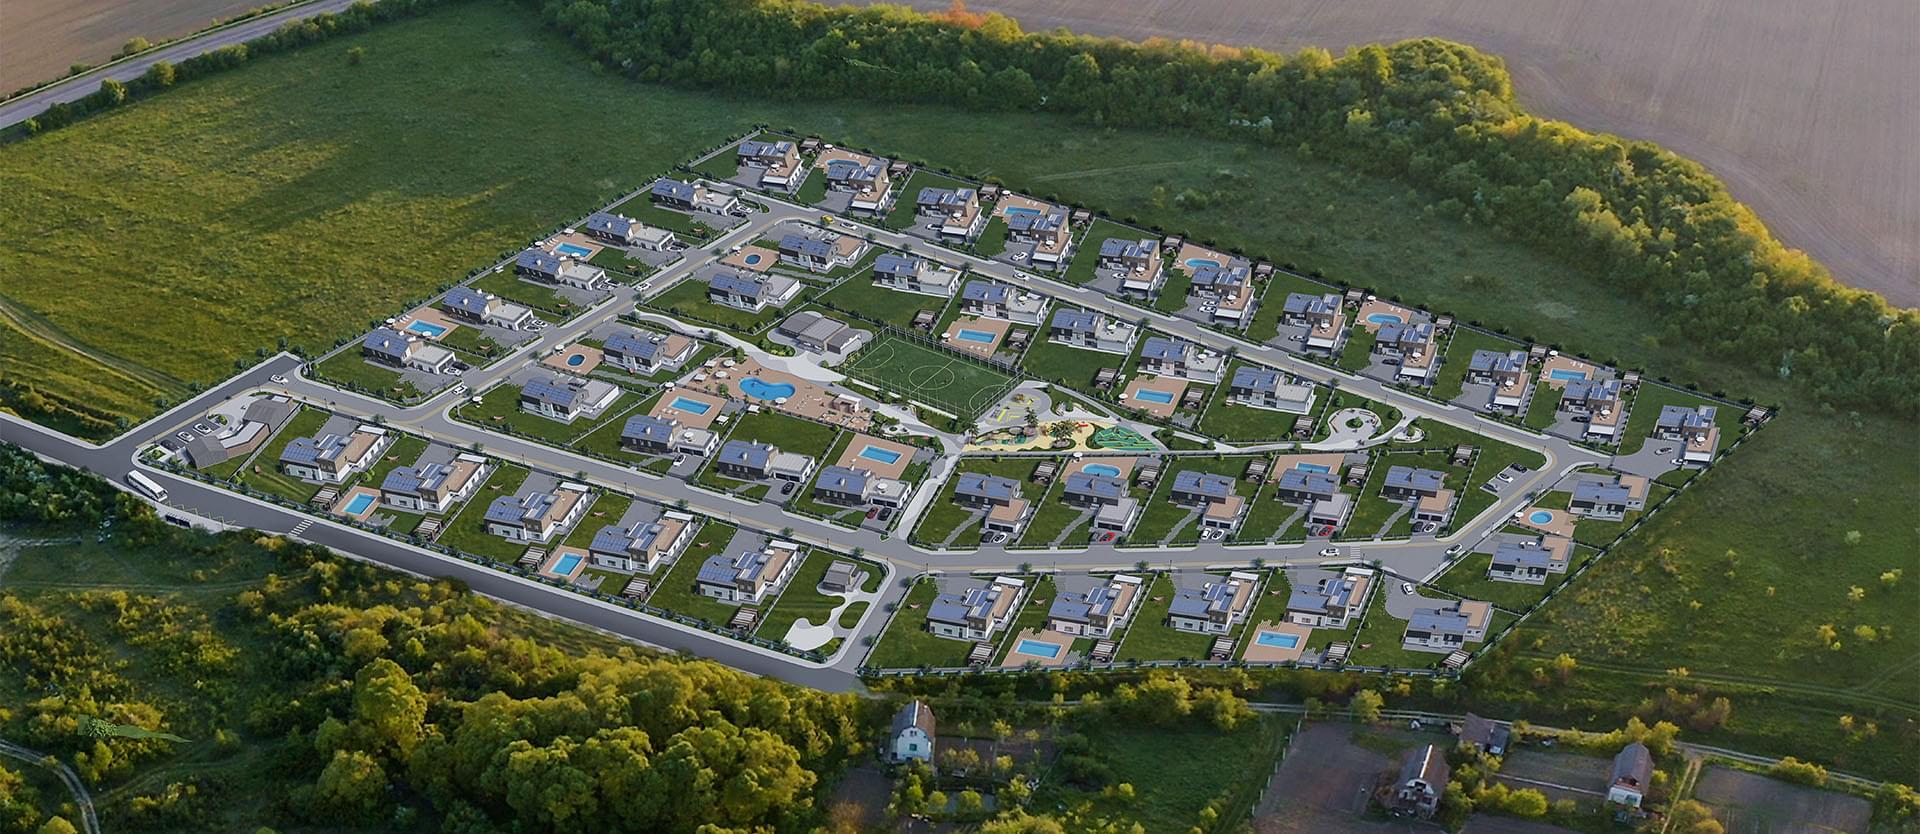 Генплан котеджного містечка OZON Village